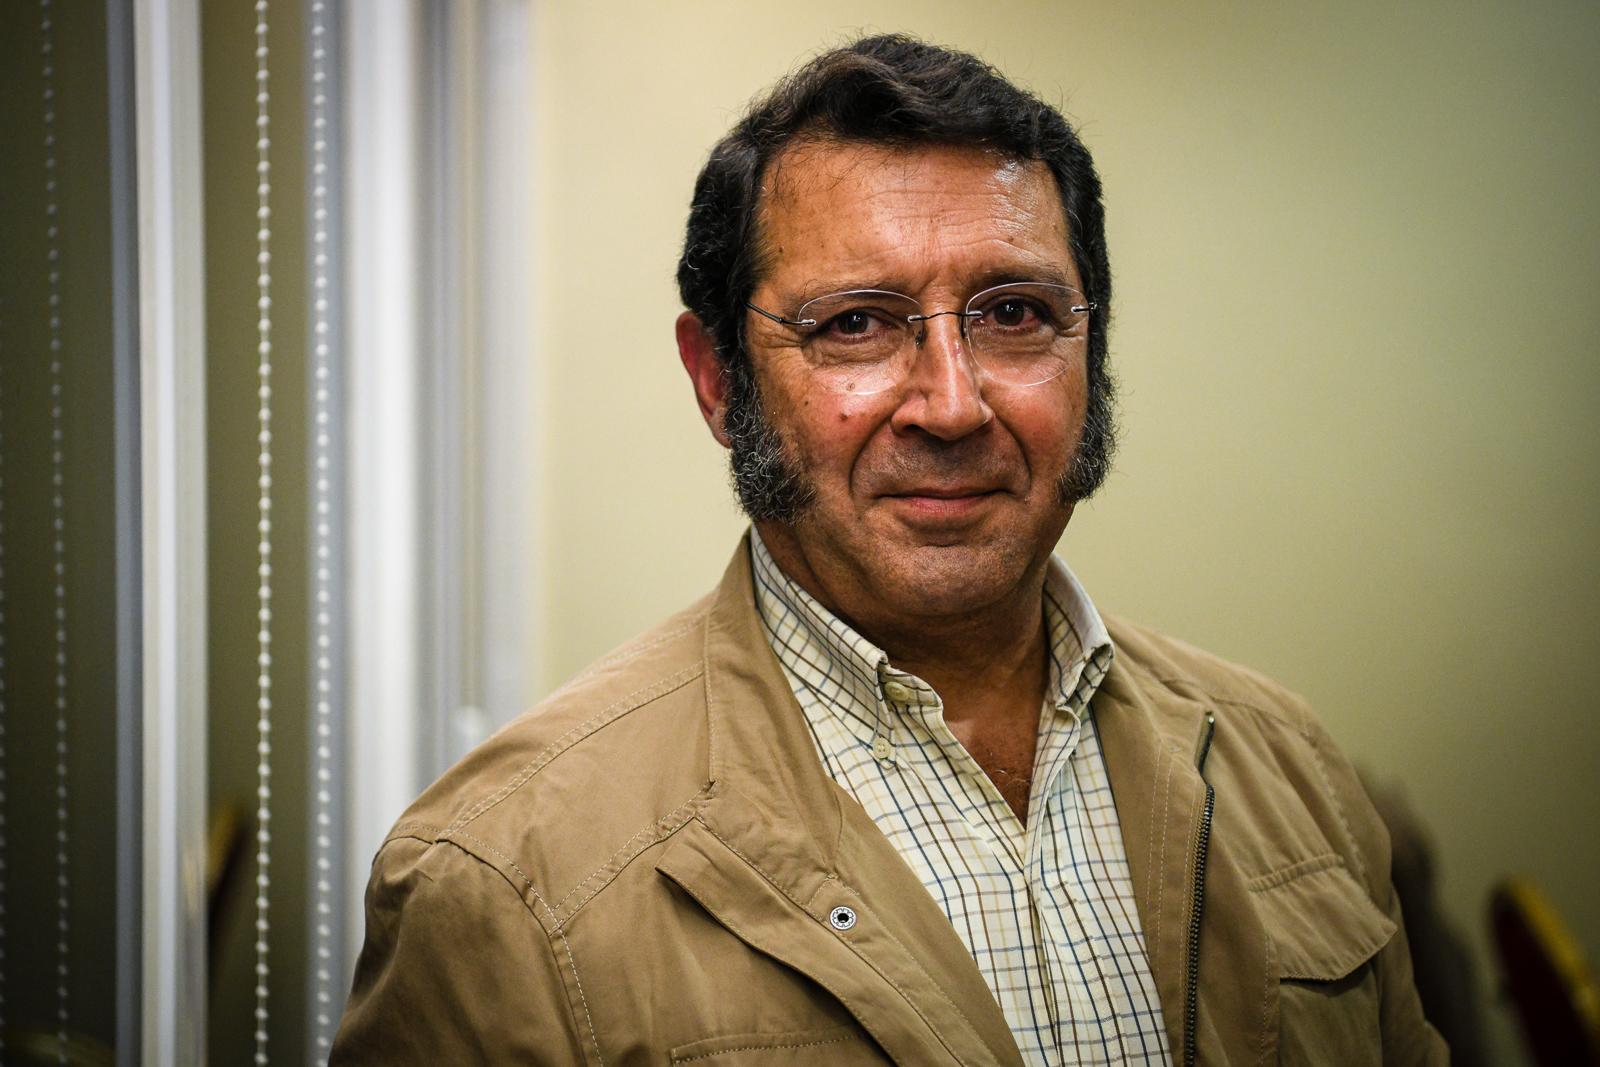 Candidato à Câmaras de Viseu pelo chega Pedro Calheiros